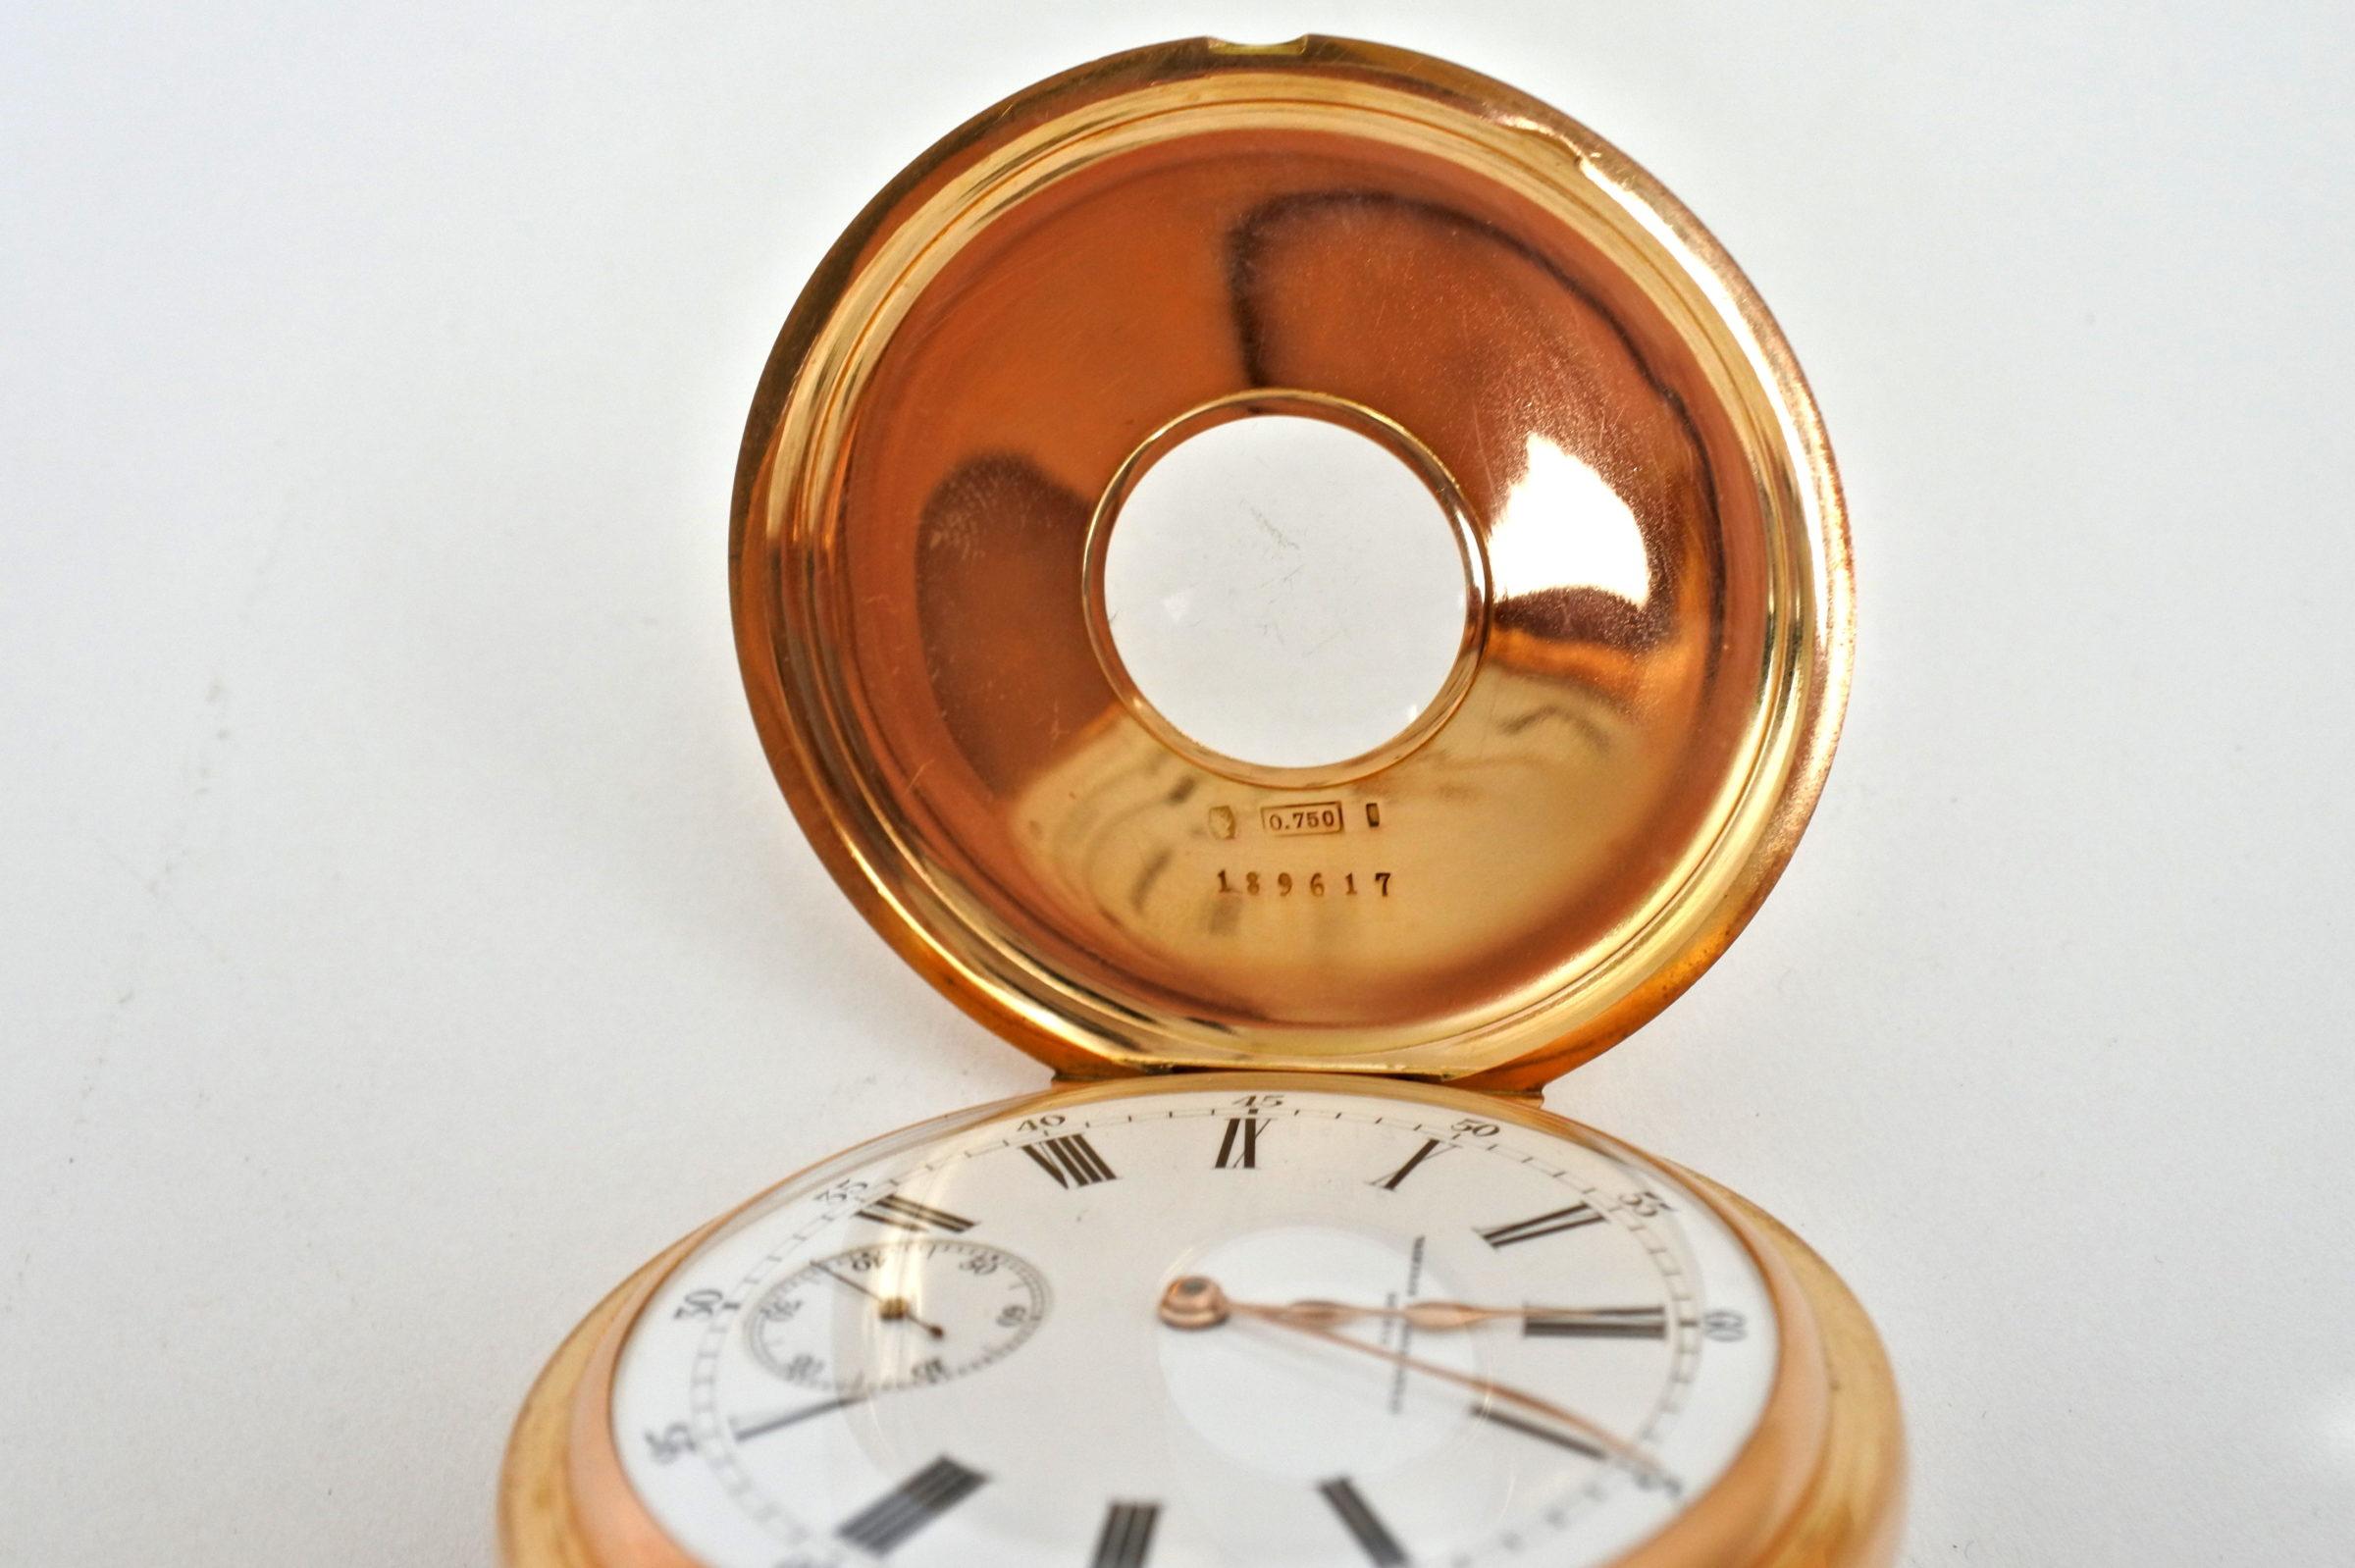 Orologio da tasca occhio di bue in oro - Vacheron & Constantin Genève - 4